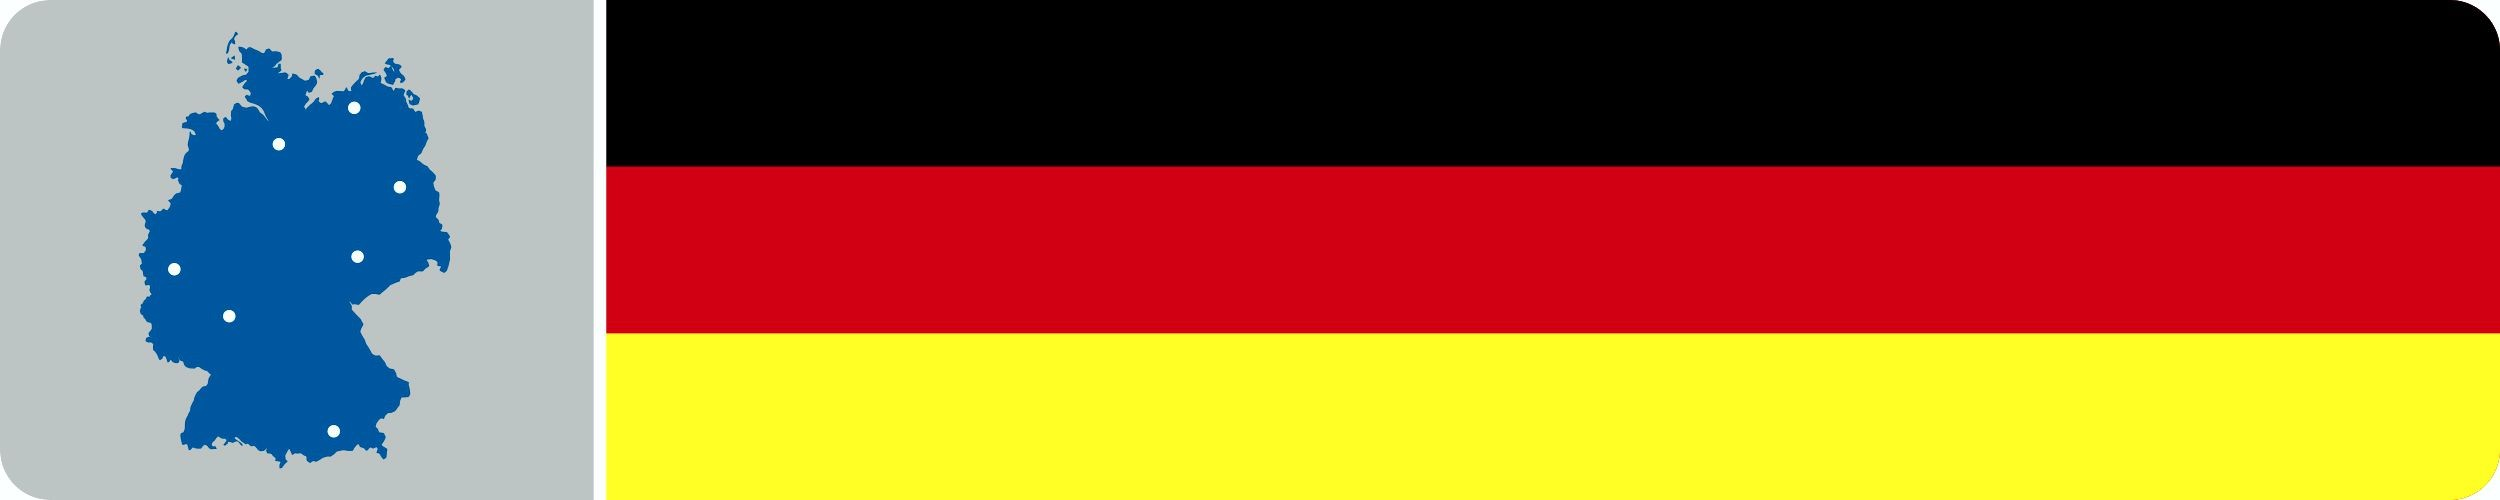 Aufkleber Deutschland mit Europa-Flagge Dimension 20 x 100 mm Deutschland Fanartikel – Bild 1